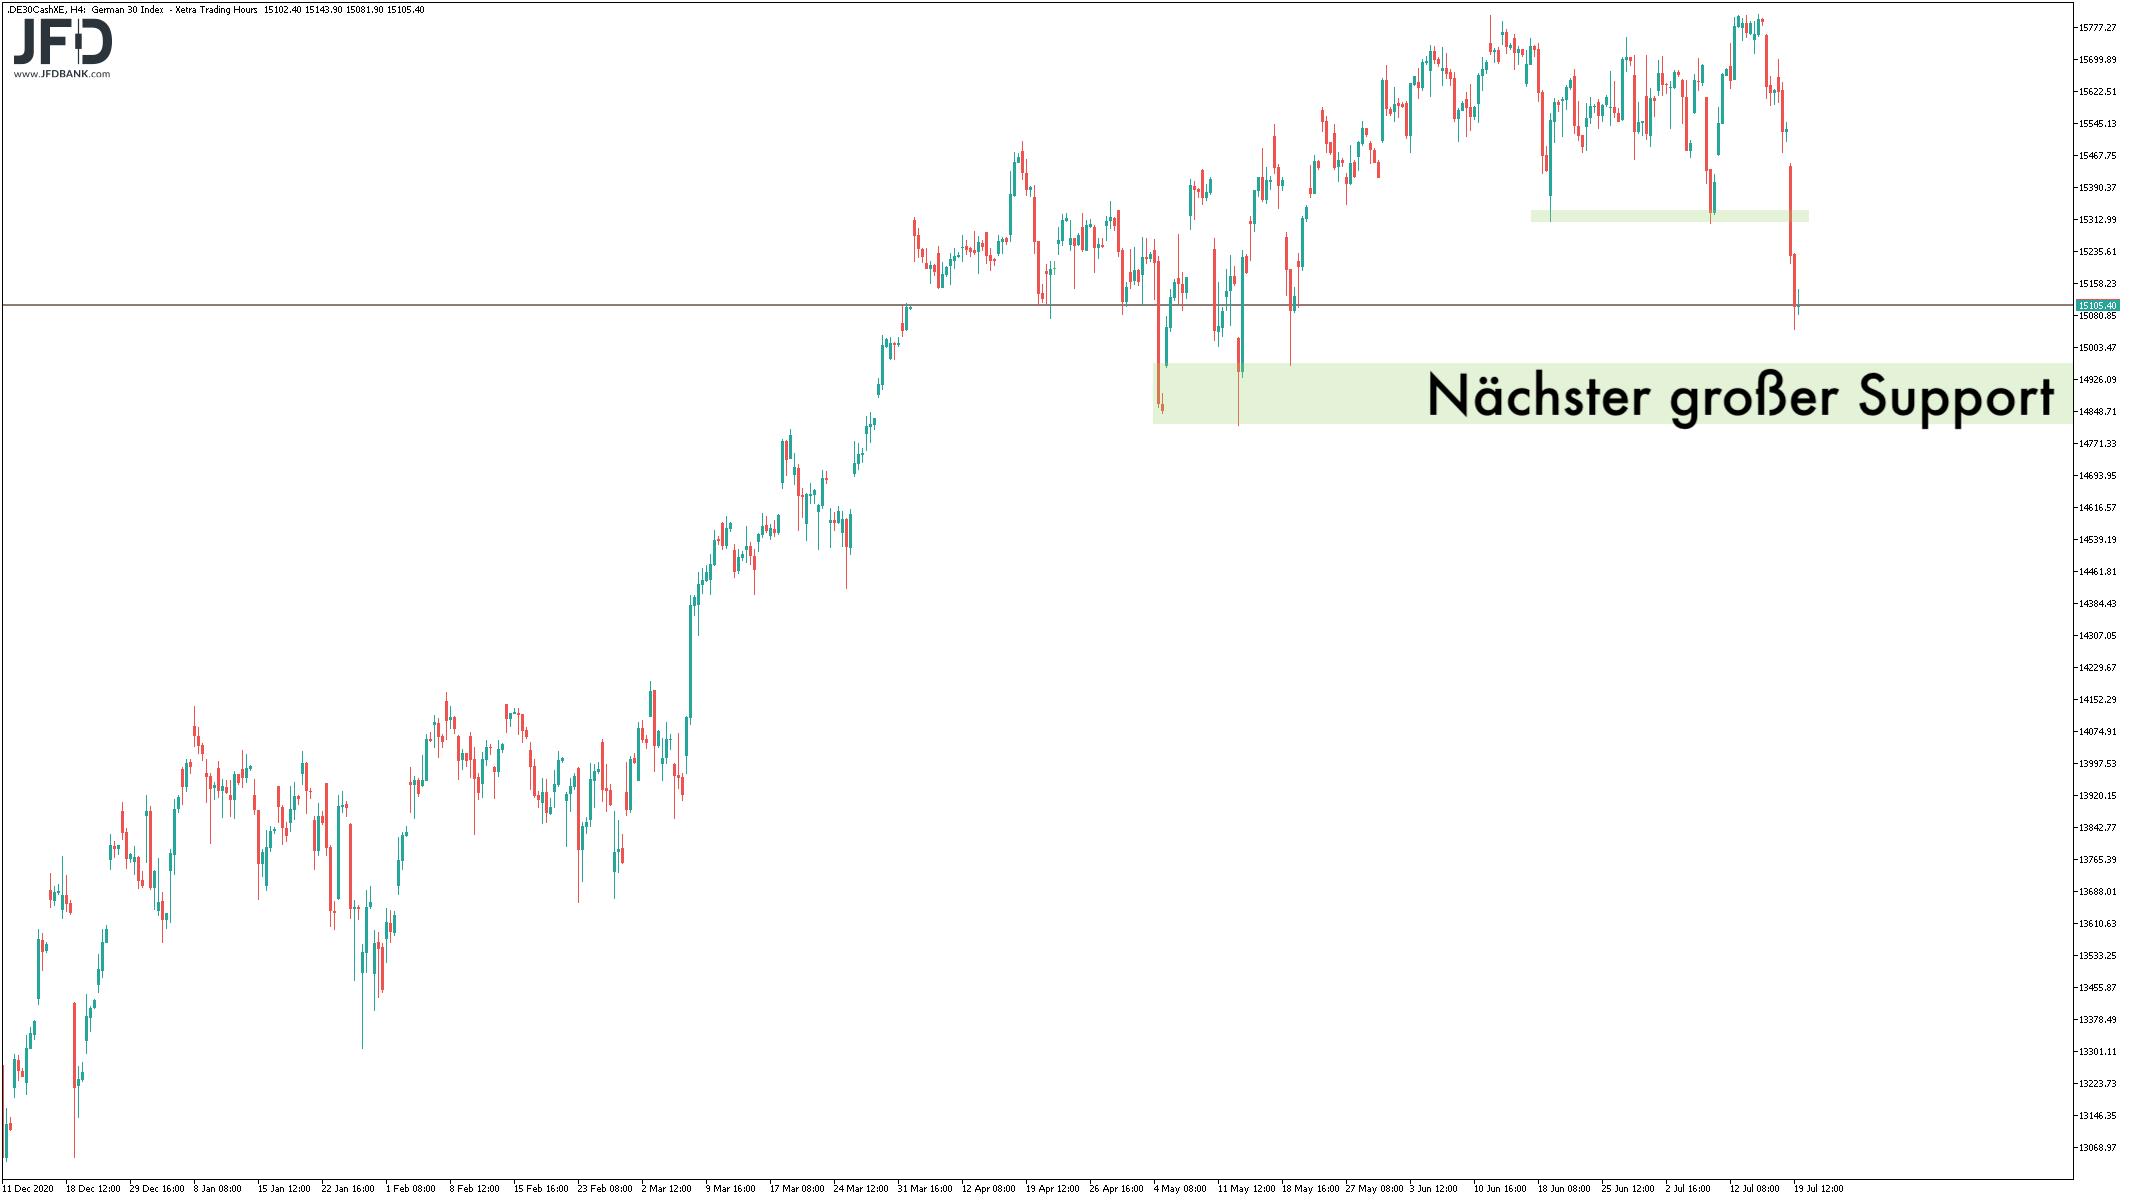 Dominiert-das-größere-Signal-im-DAX-heute-weiter-Kommentar-JFD-Bank-GodmodeTrader.de-3